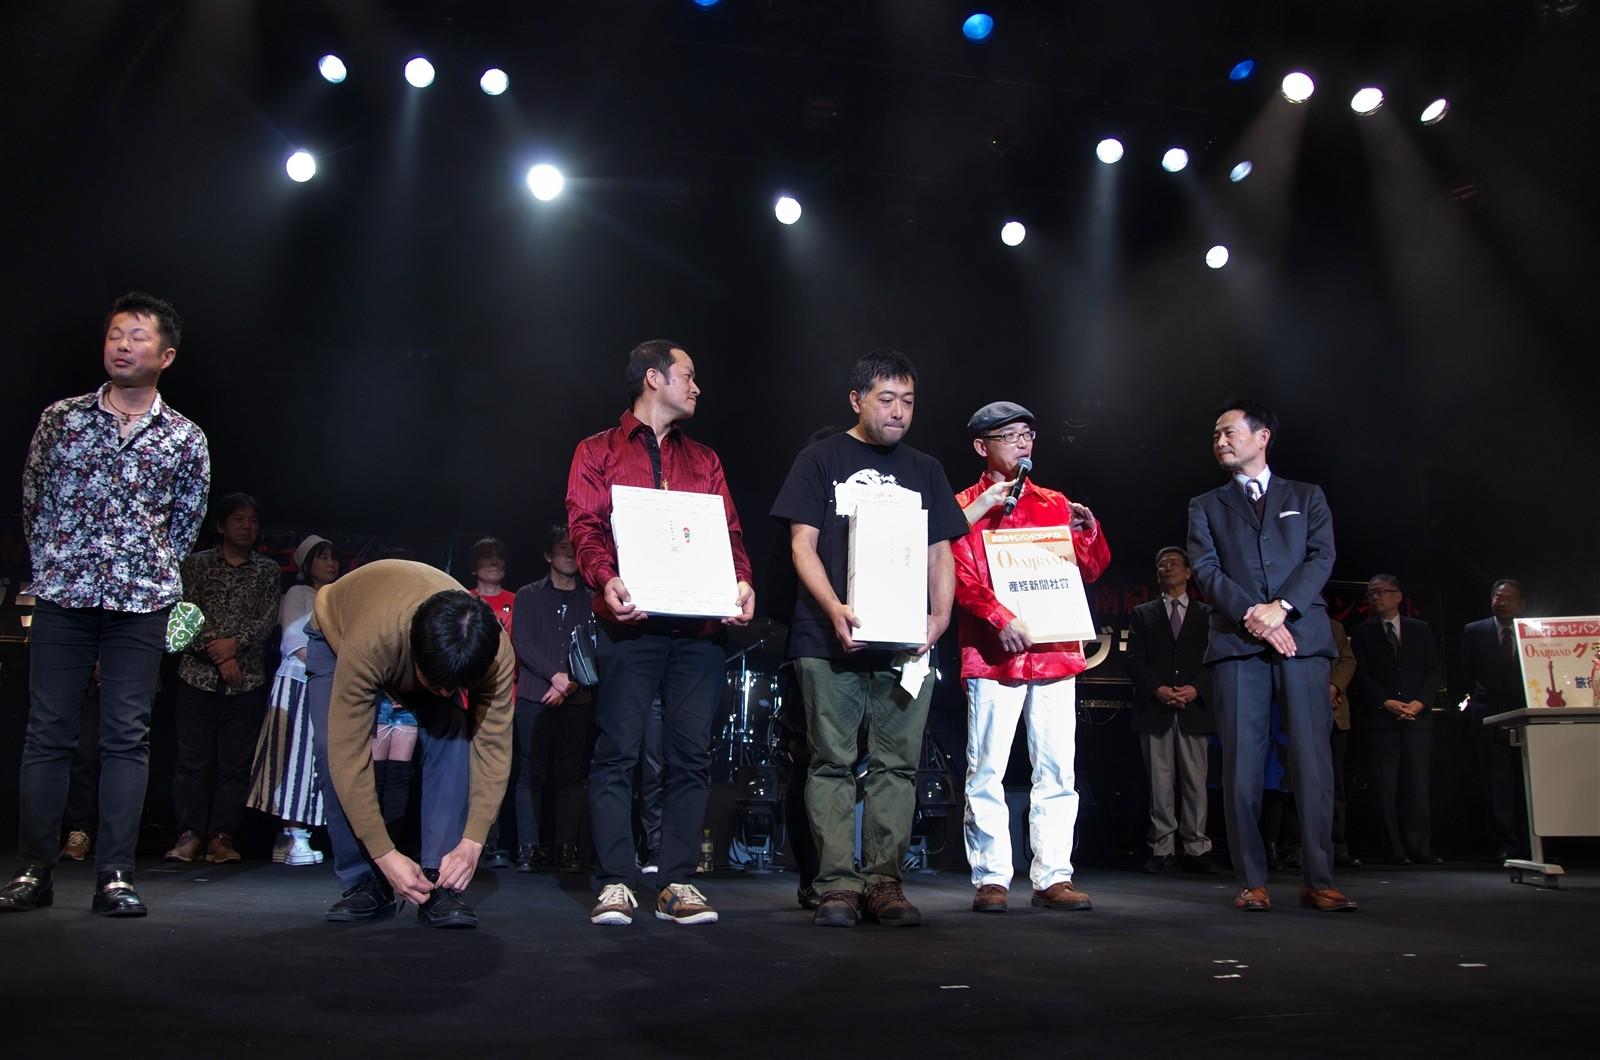 12‐1‐1表彰式_産経新聞社賞0026_R